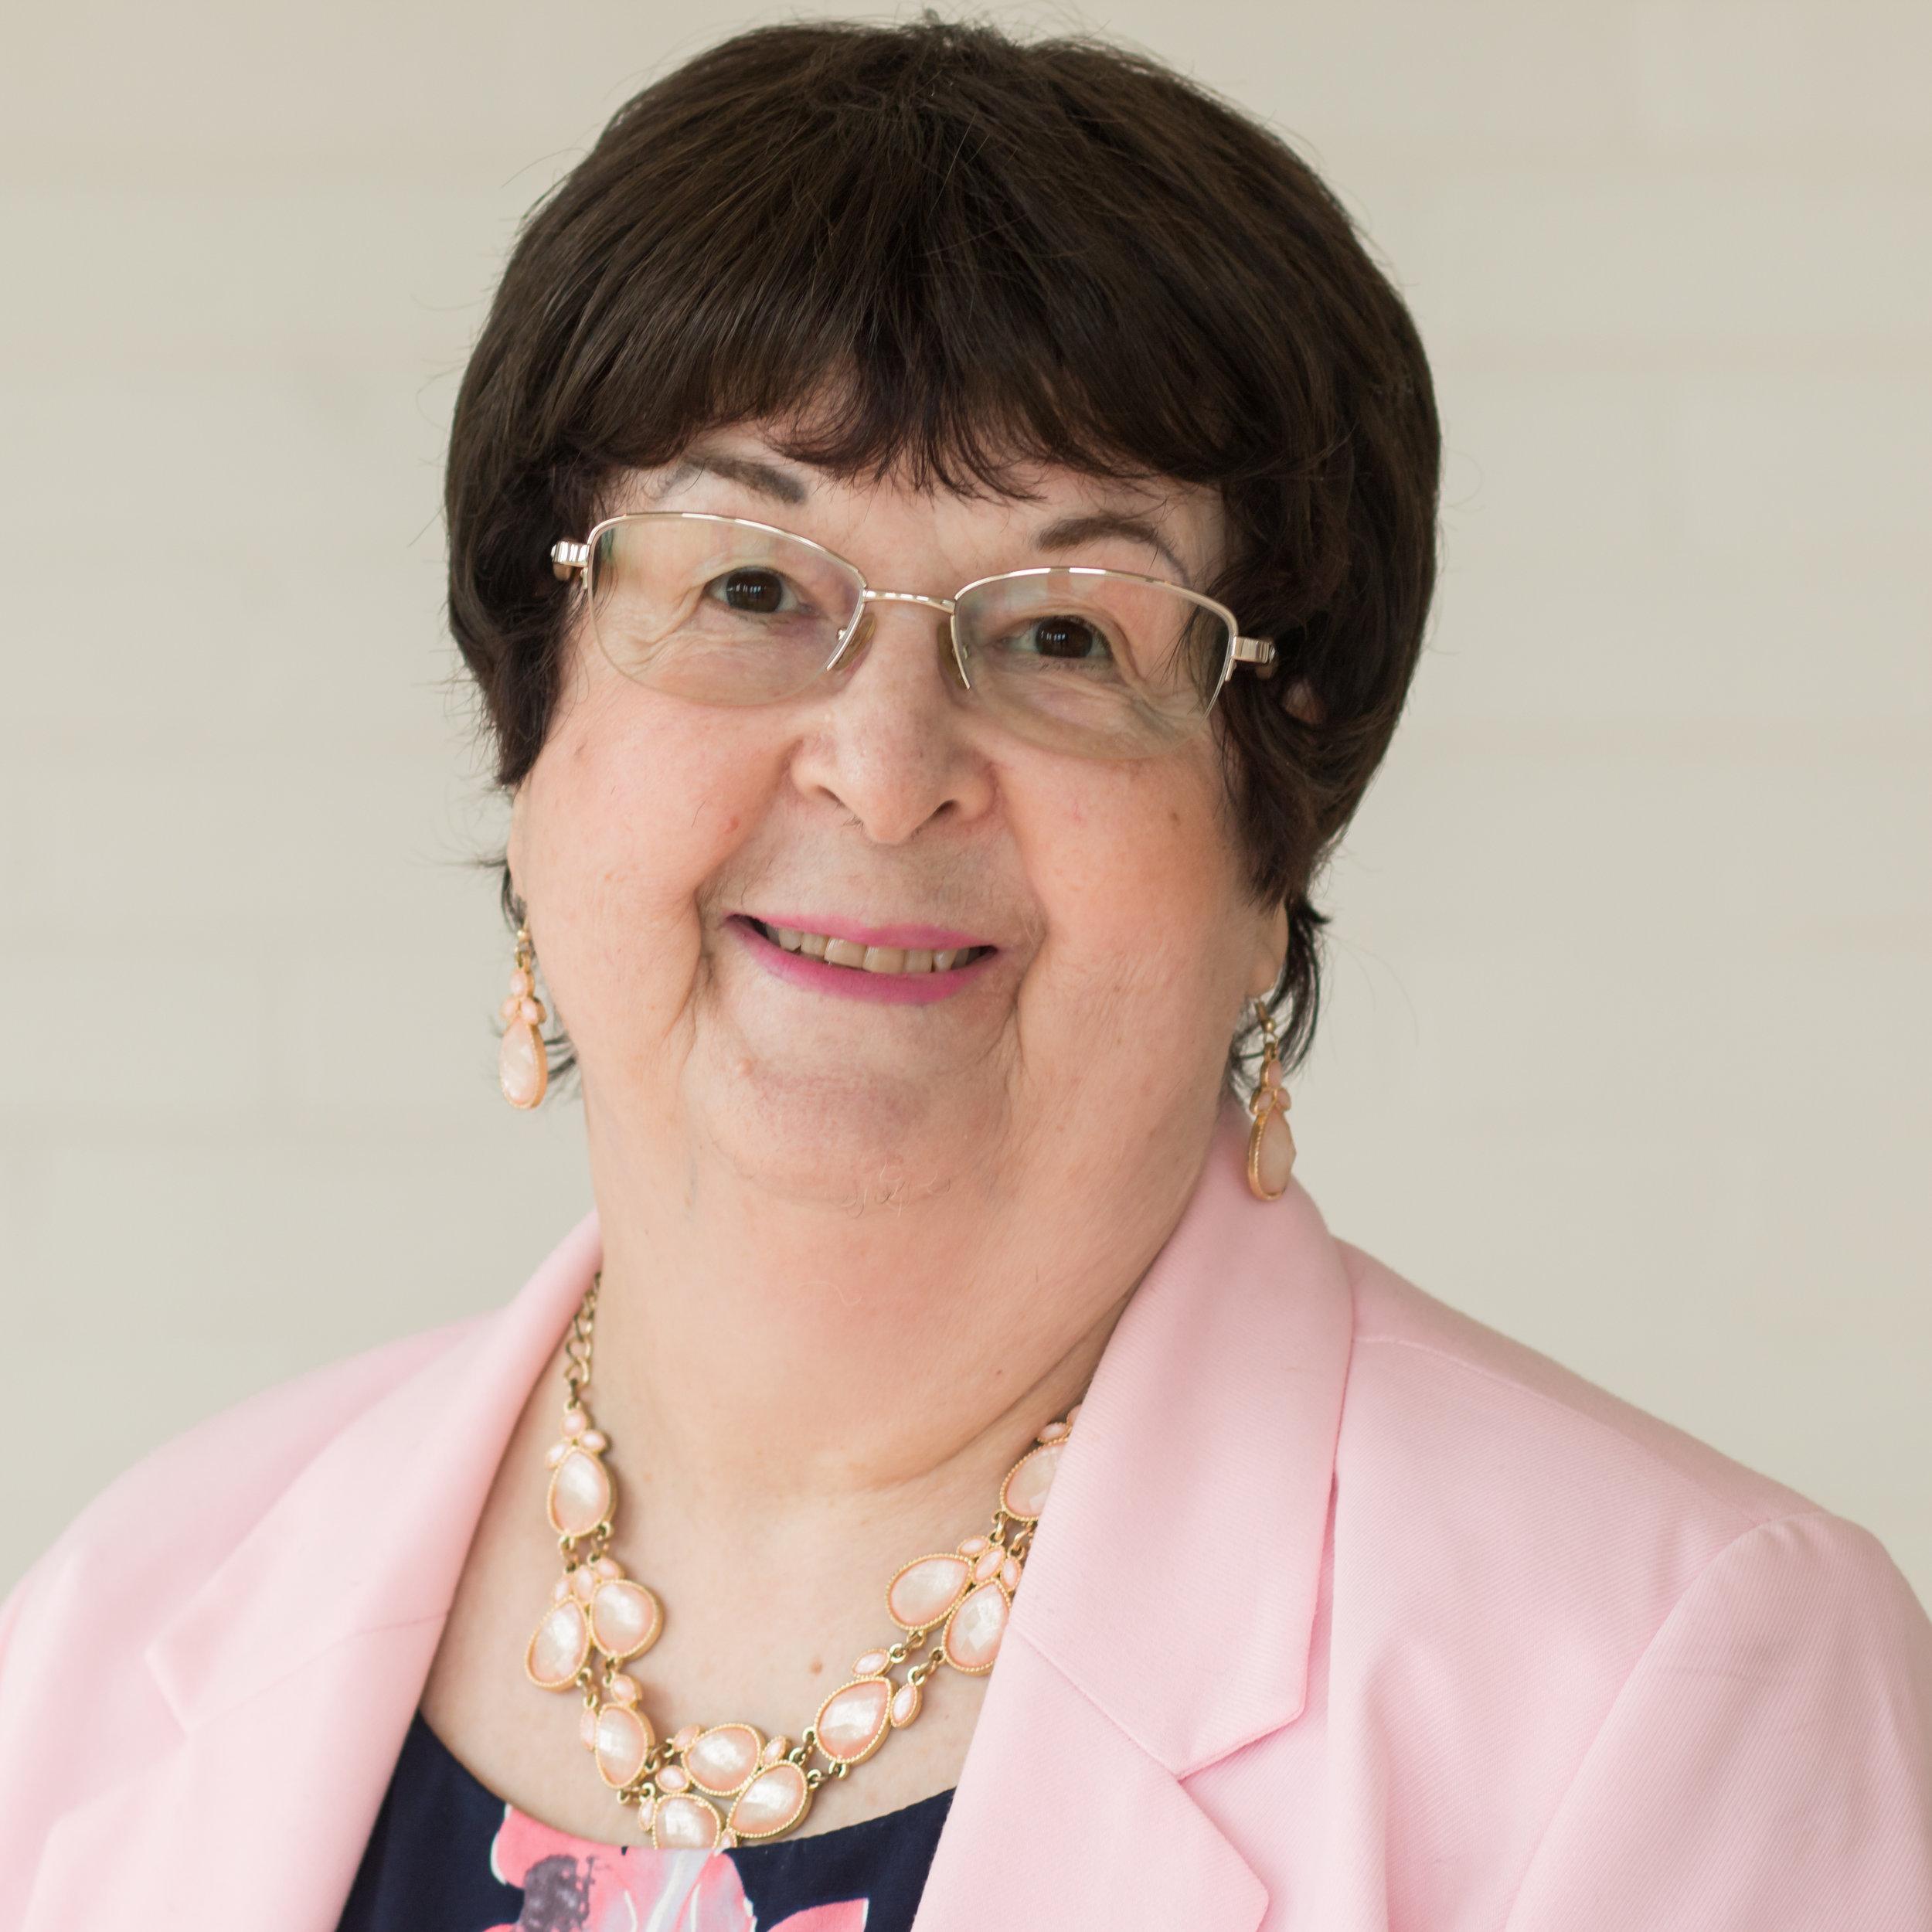 June Boerma